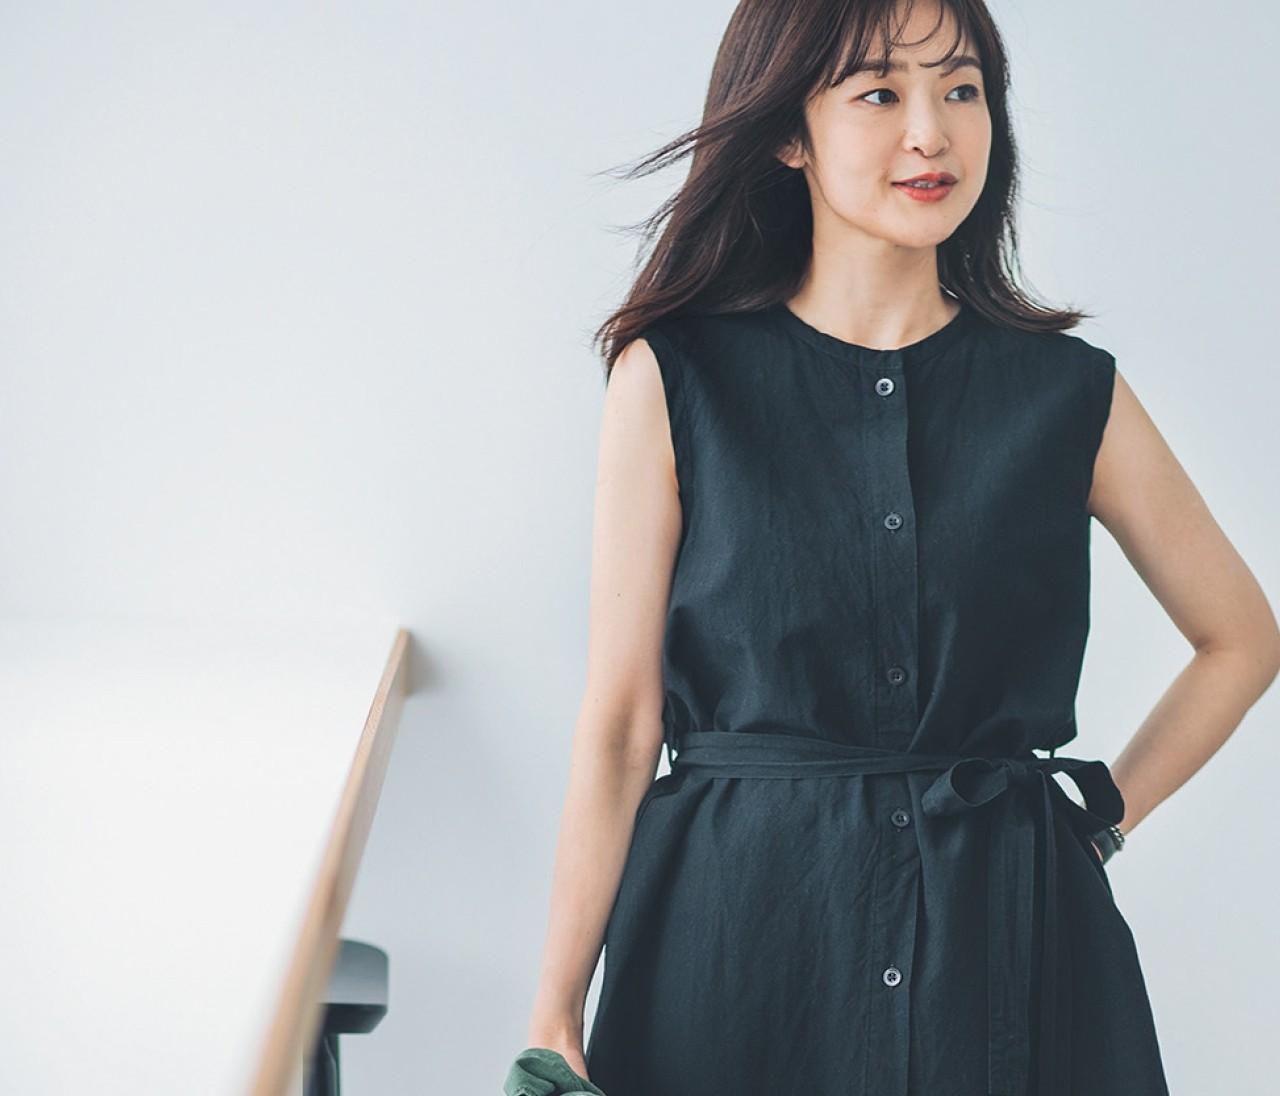 【30代女子の夏ファッションQ&A】着やせする「ノースリコーデ」とは?